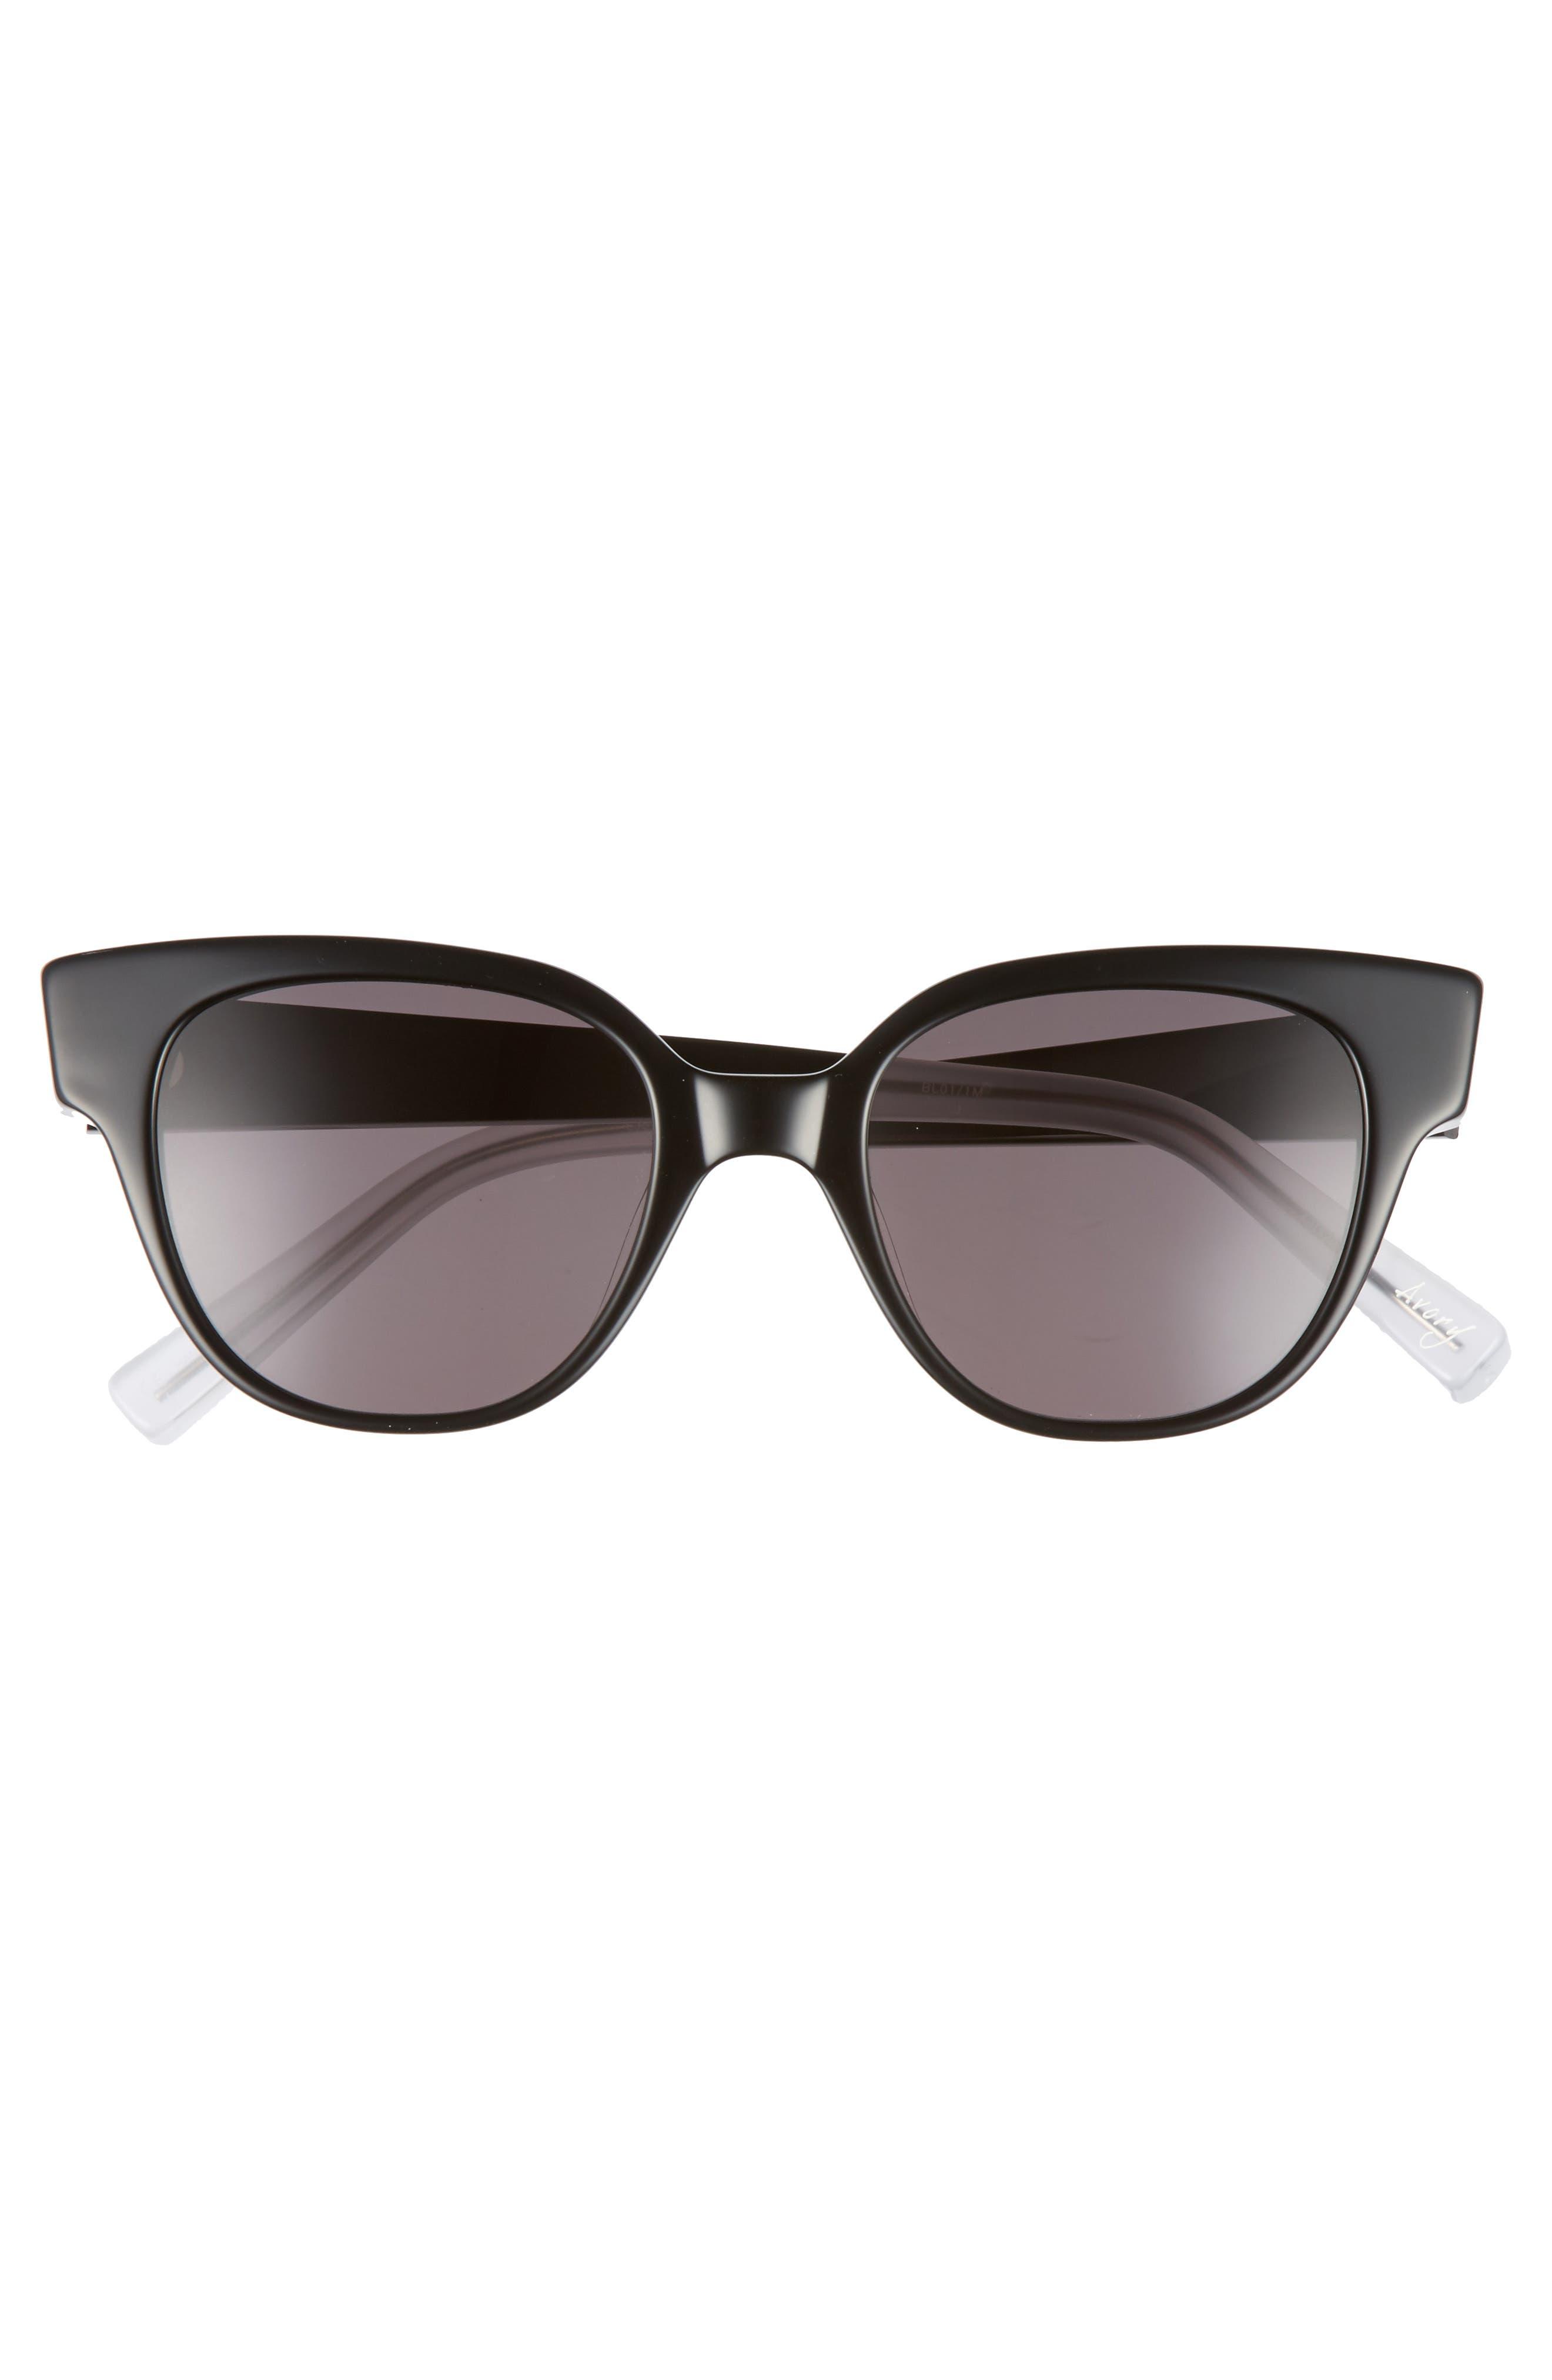 Avory 49mm Cat Eye Sunglasses,                             Alternate thumbnail 3, color,                             001